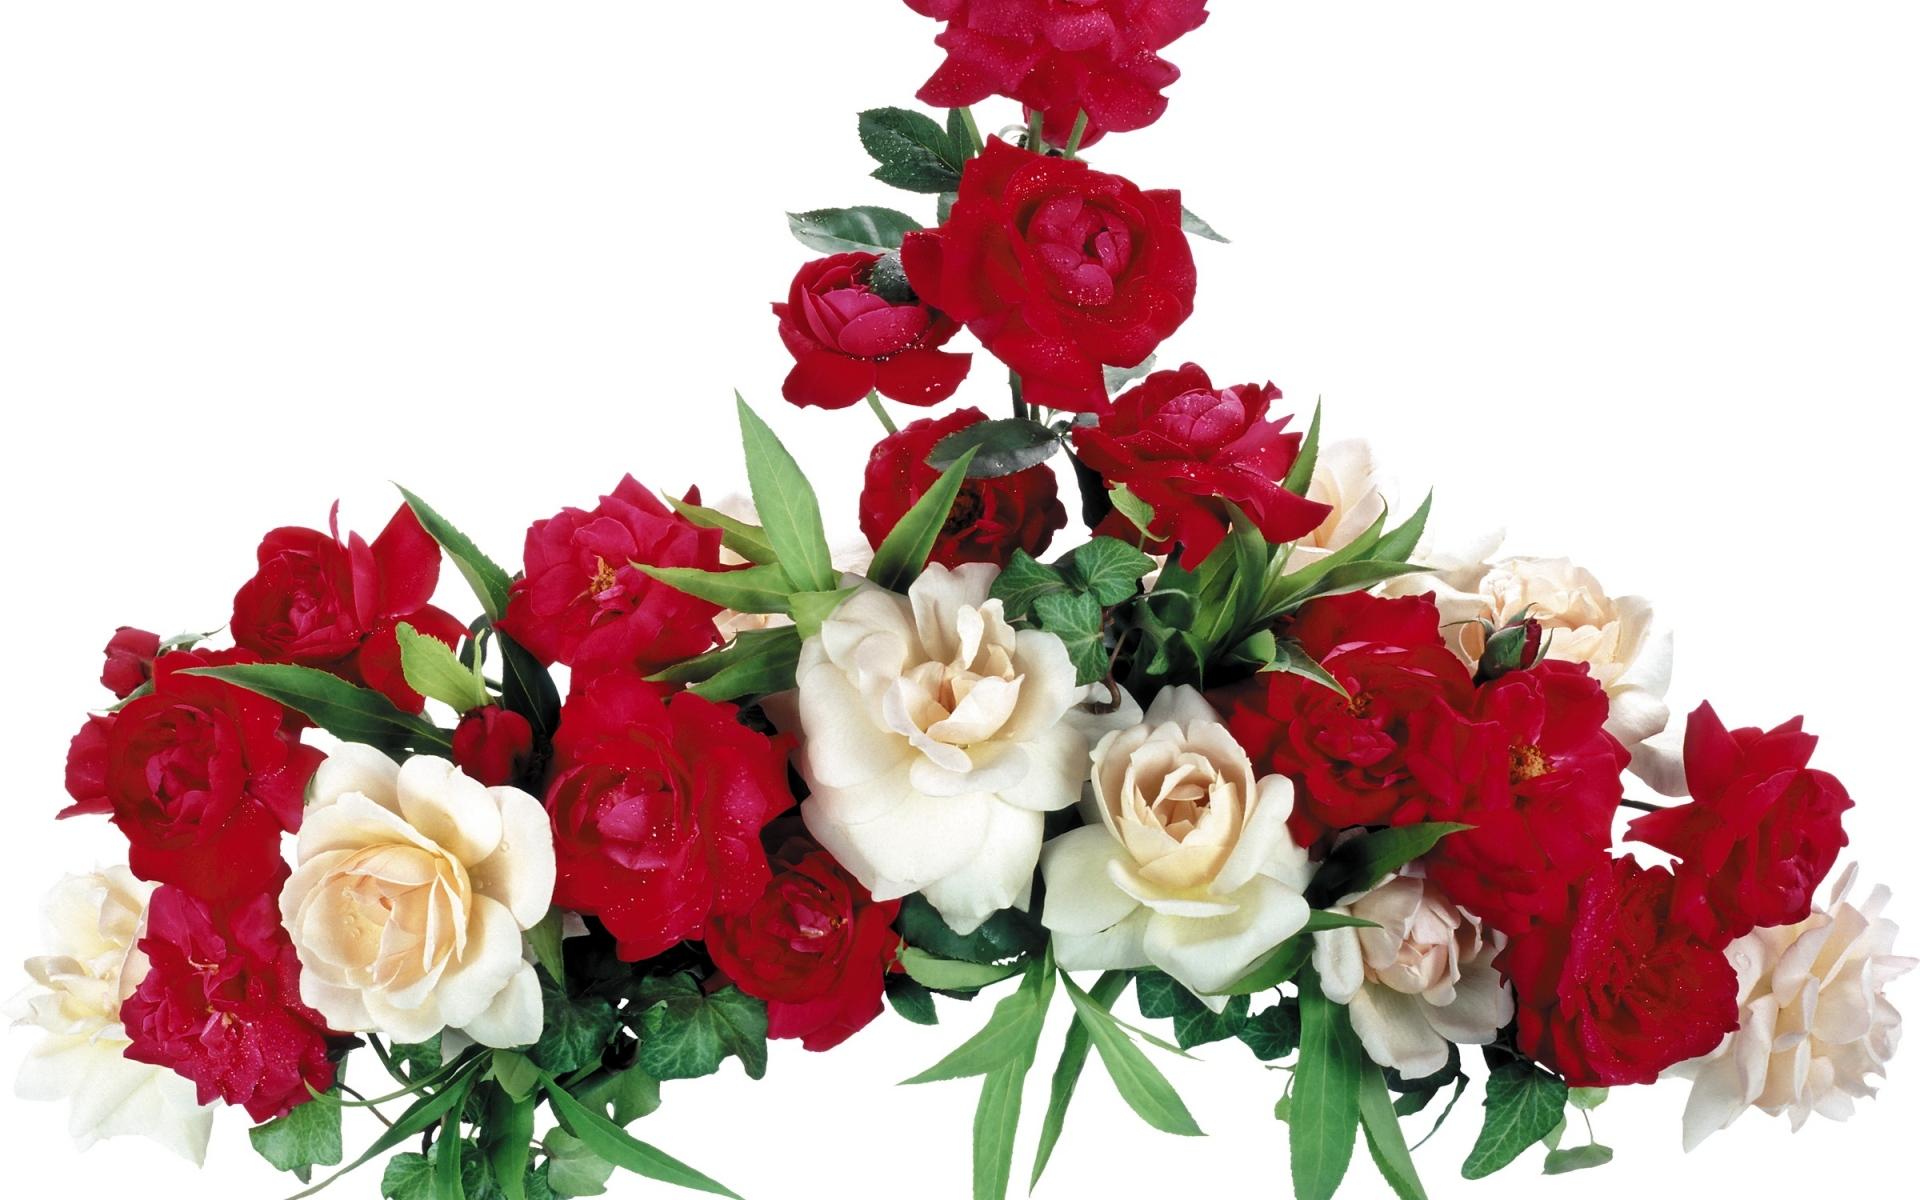 Картинки Роза, белый, красный, композиция фото и обои на рабочий стол